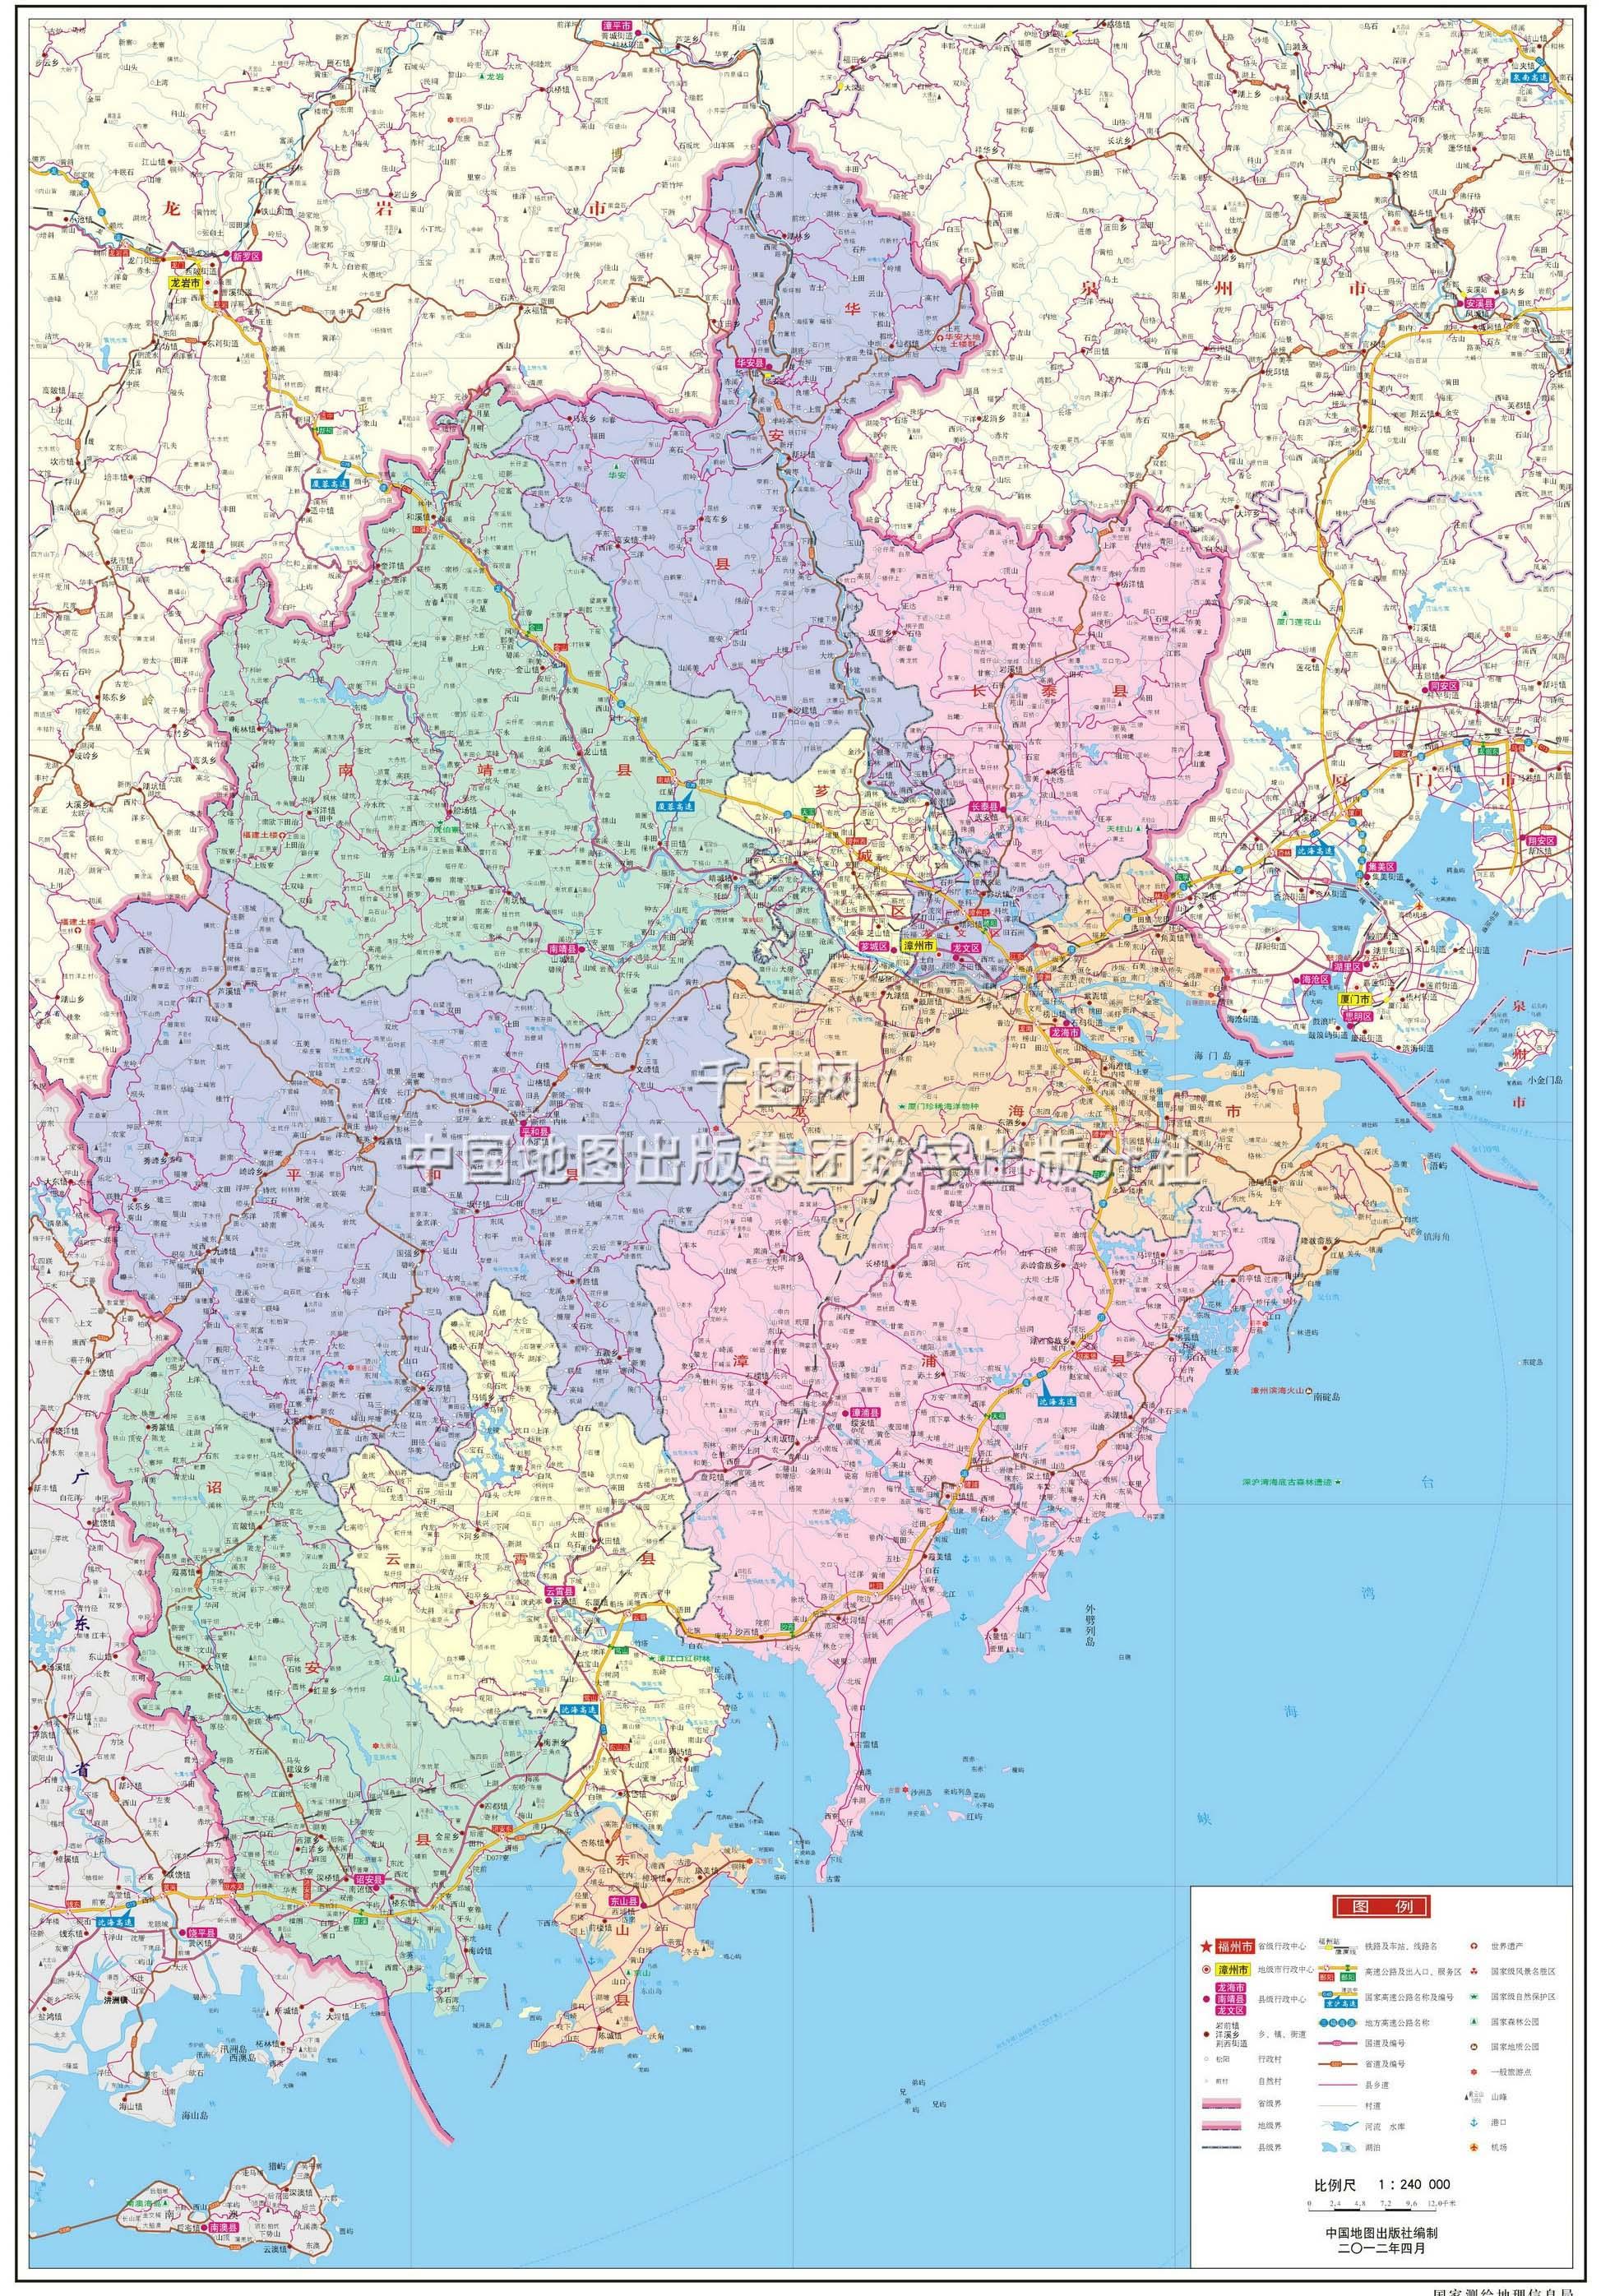 福建福州市区地图_漳州市地图高清版_漳州地图库